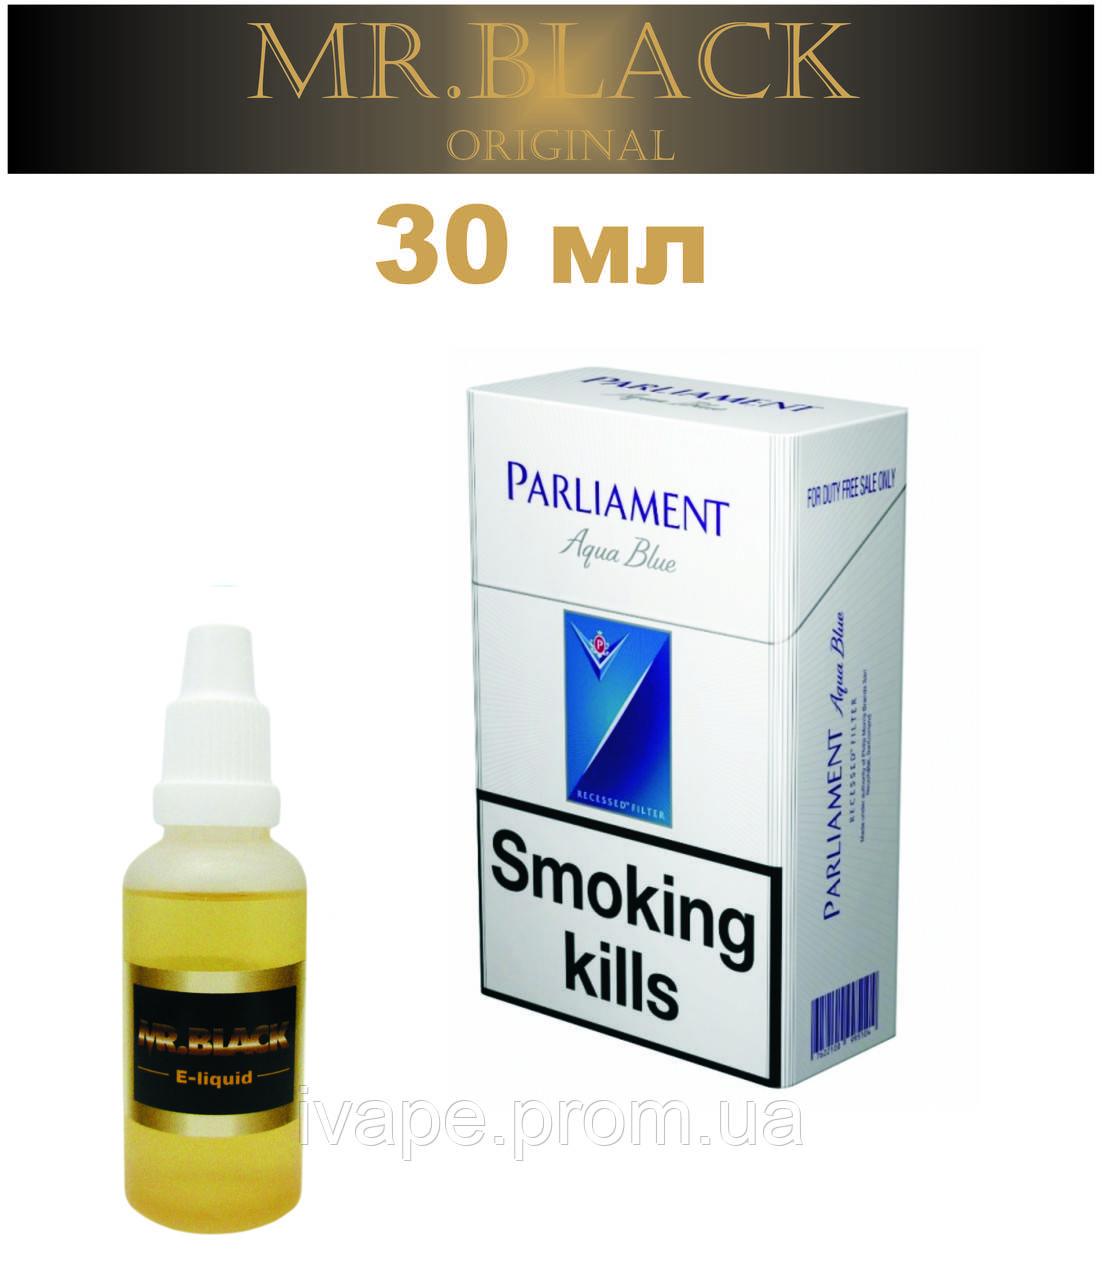 Жидкость для электронных сигарет где купить компоненты табак для сигарет купить кострома